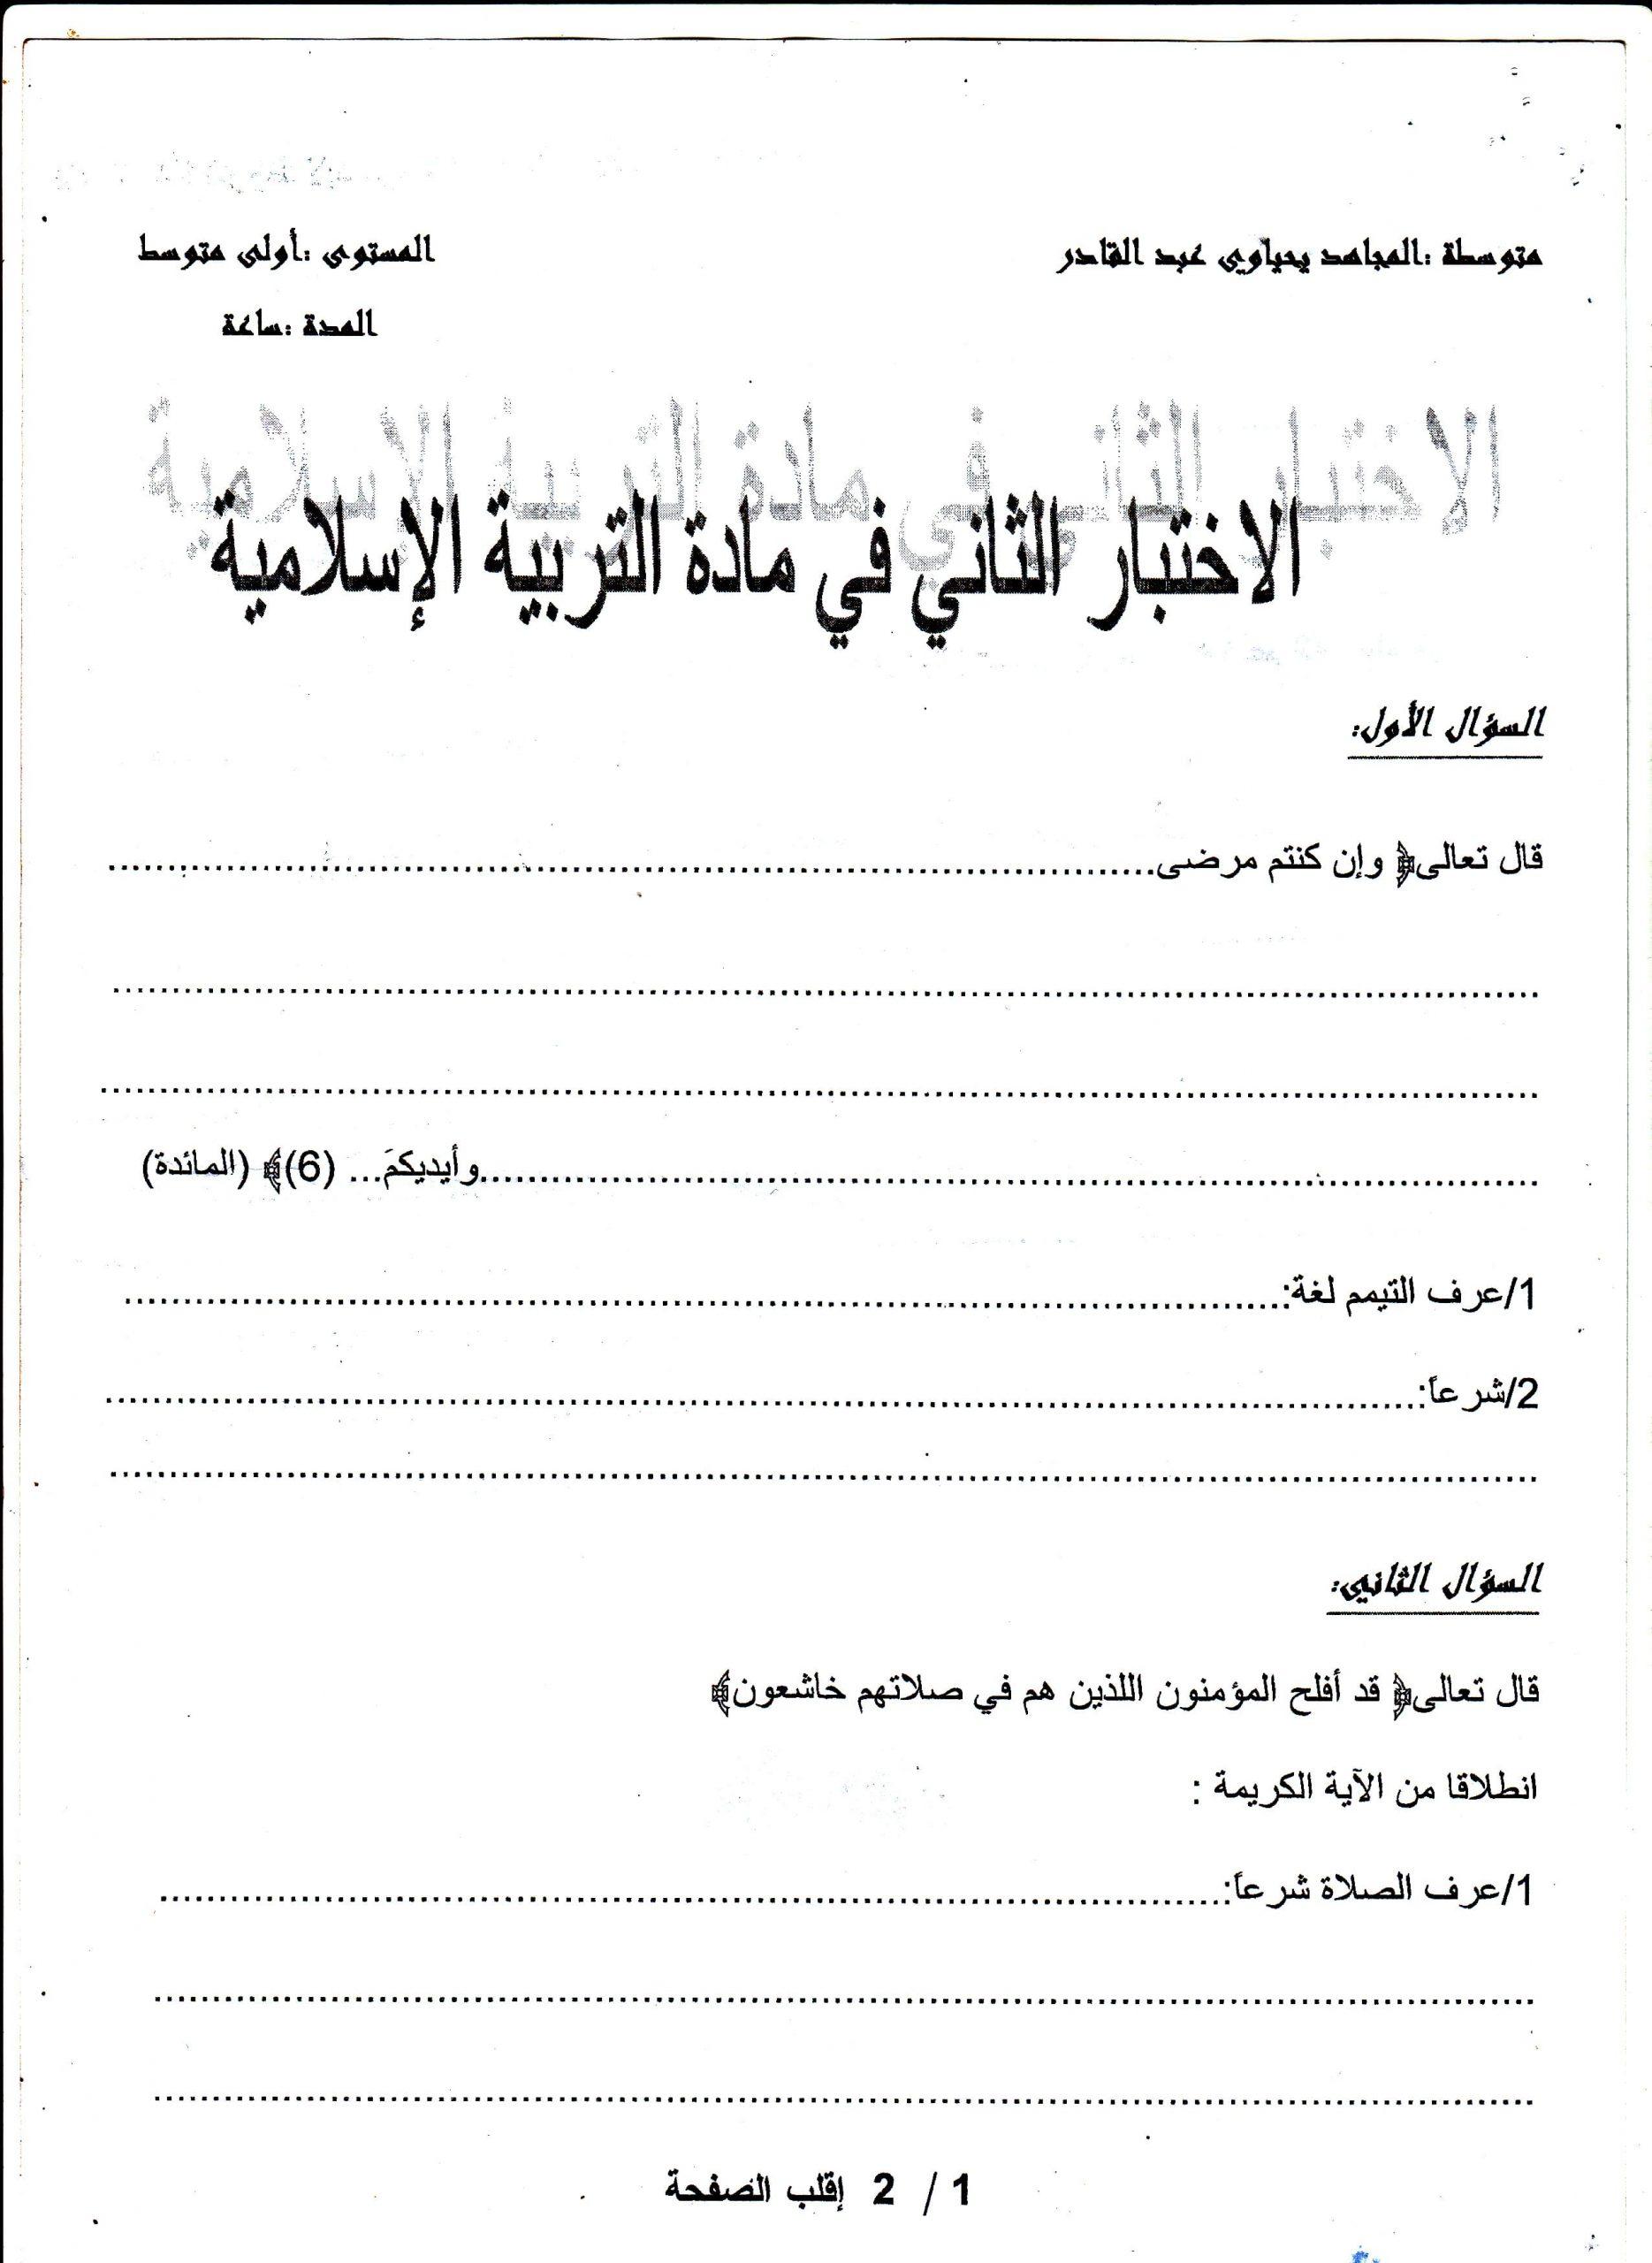 اختبار الفصل الثاني في العلوم الاسلامية للسنة الأولى متوسط - الموضوع 04